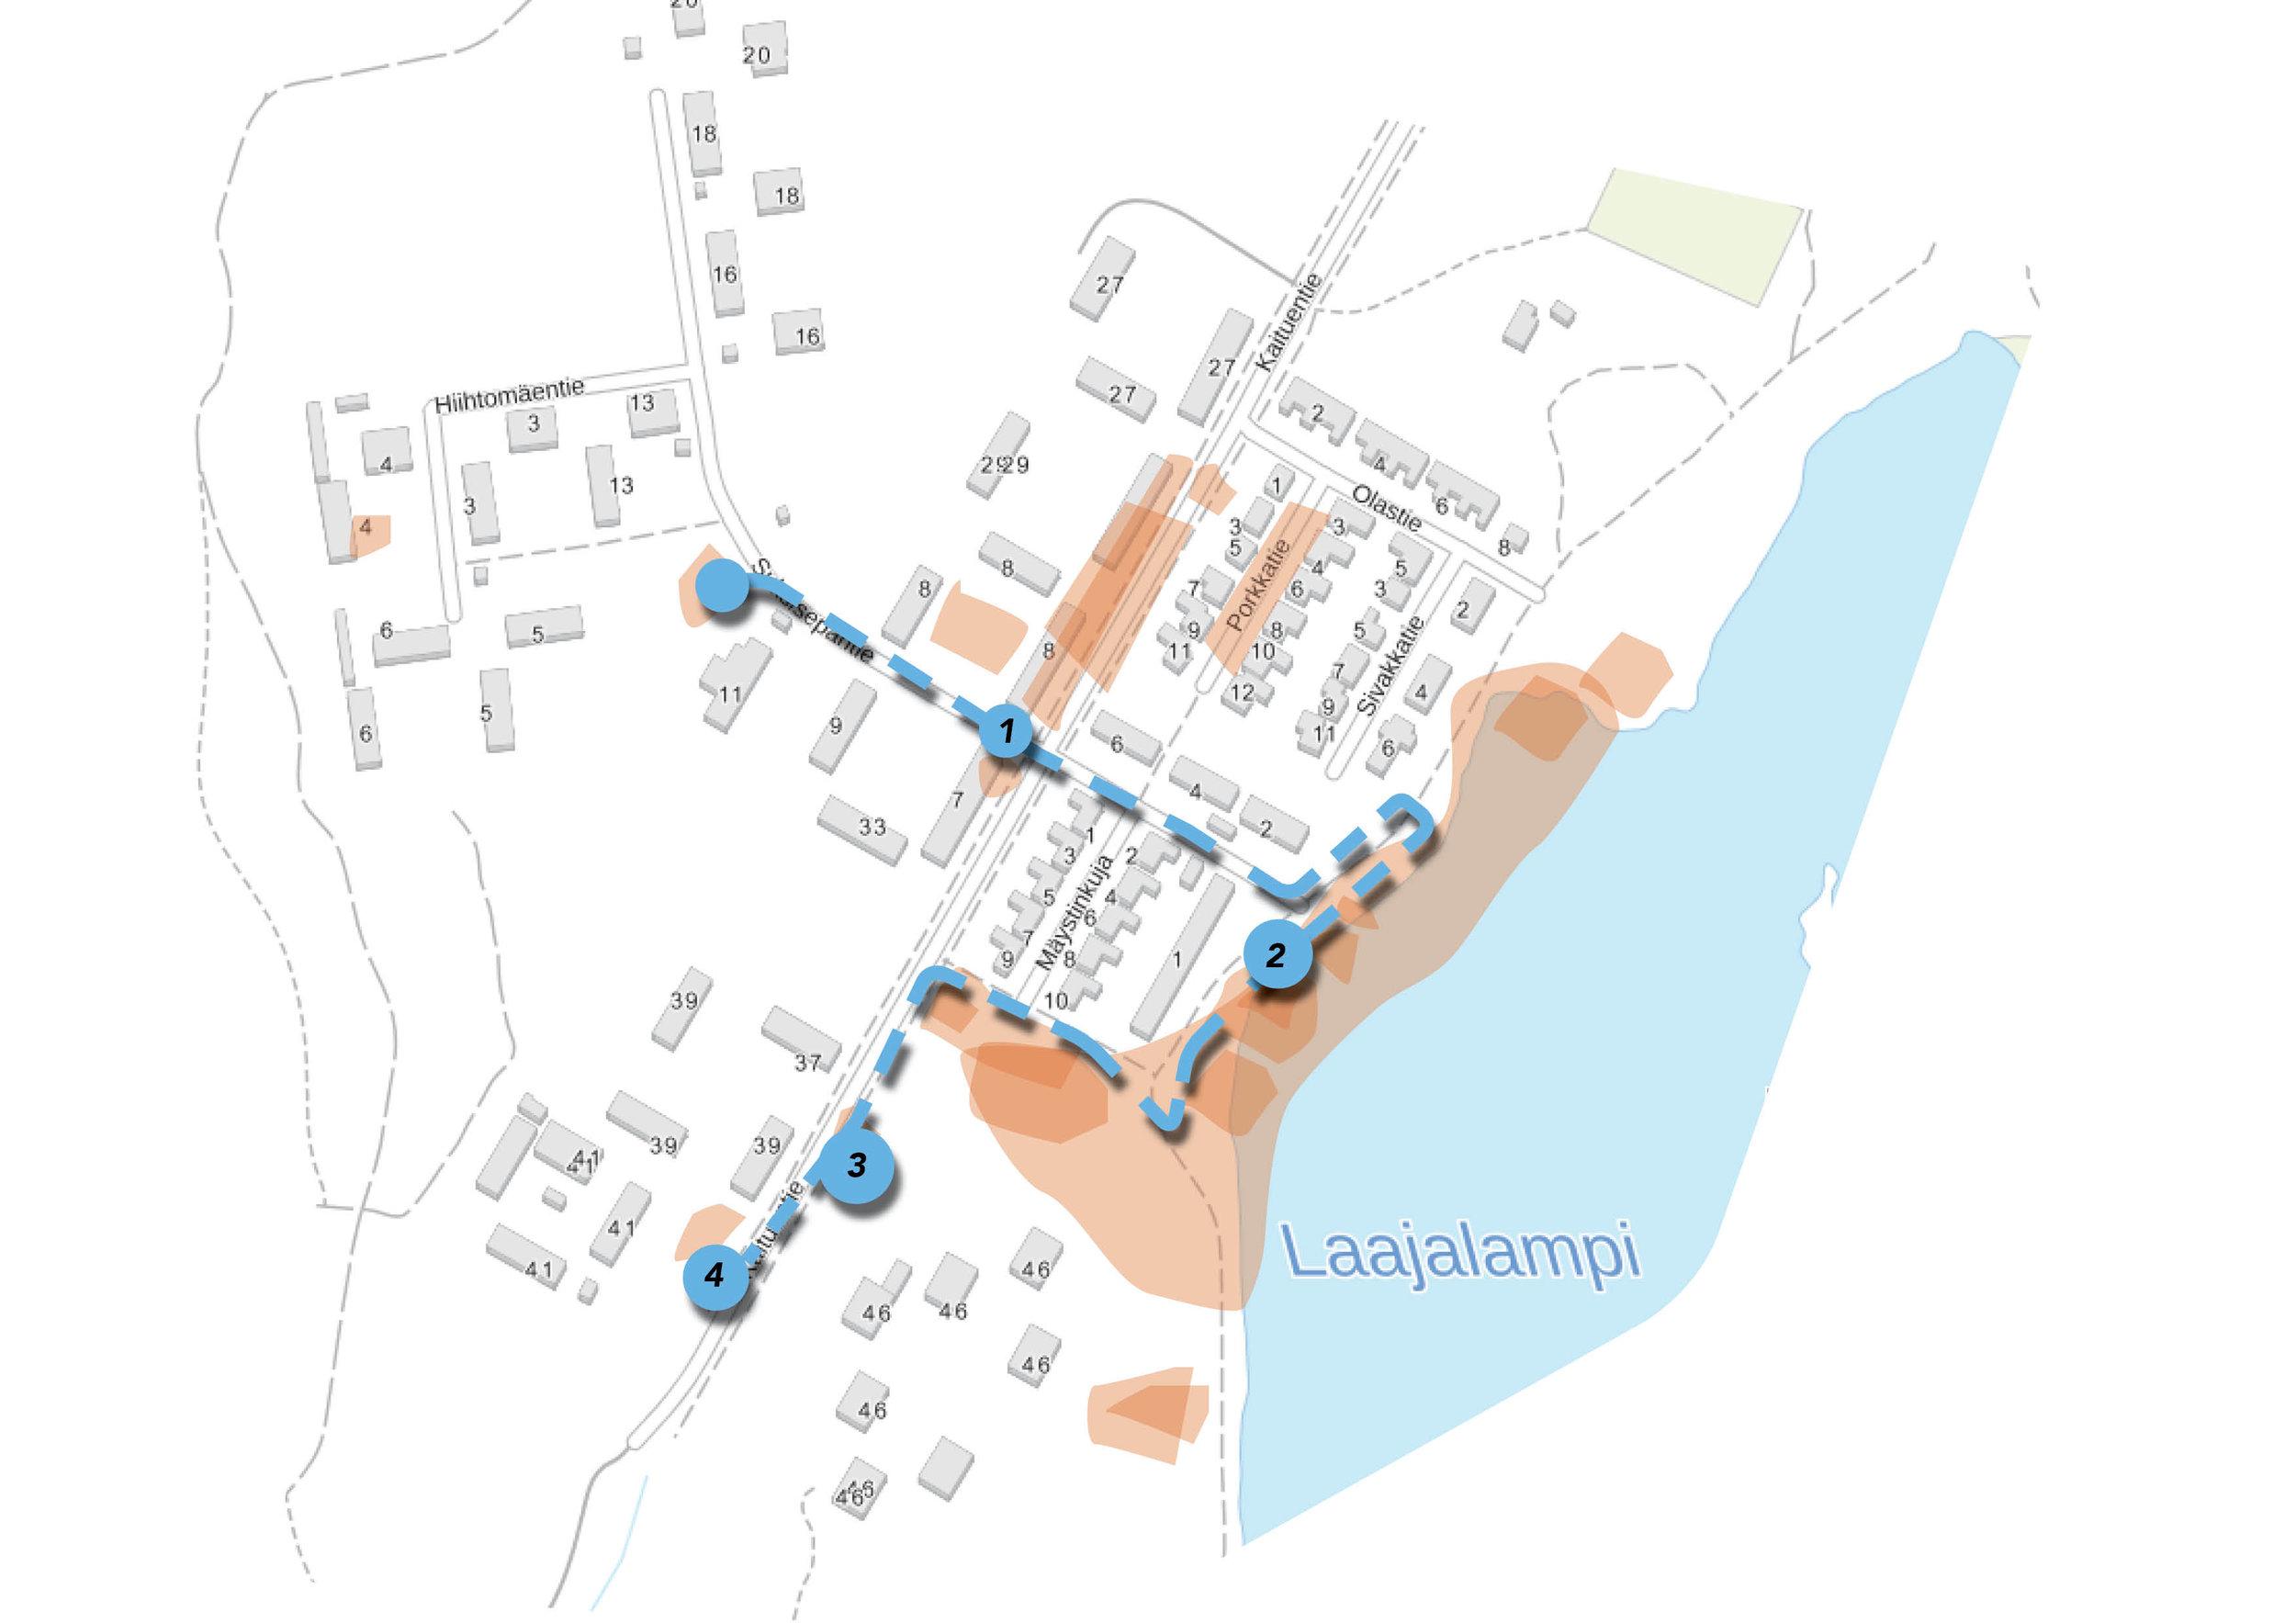 Kartalla on kuvattu oranssilla kohteeita, jotka nousivat esiin palautteissa. Sinisellä katkoviivalla on kuvattu kävelyreitti, joka suunniteltiin palautteen pohjalta.